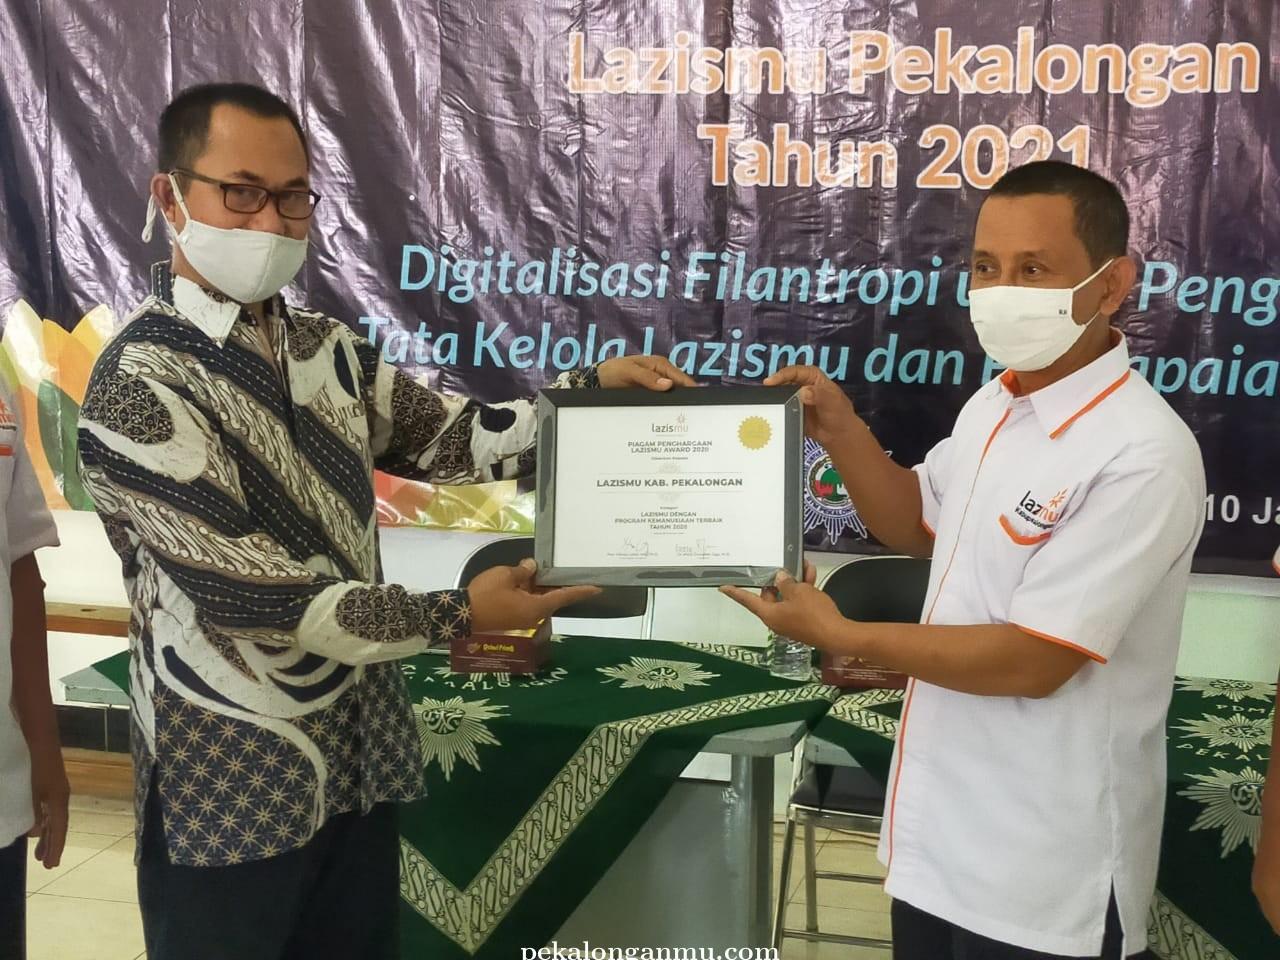 Rakerda Lazismu Pekalongan Targetkan Penghimpunan ZISKA 2021 2,5 M.